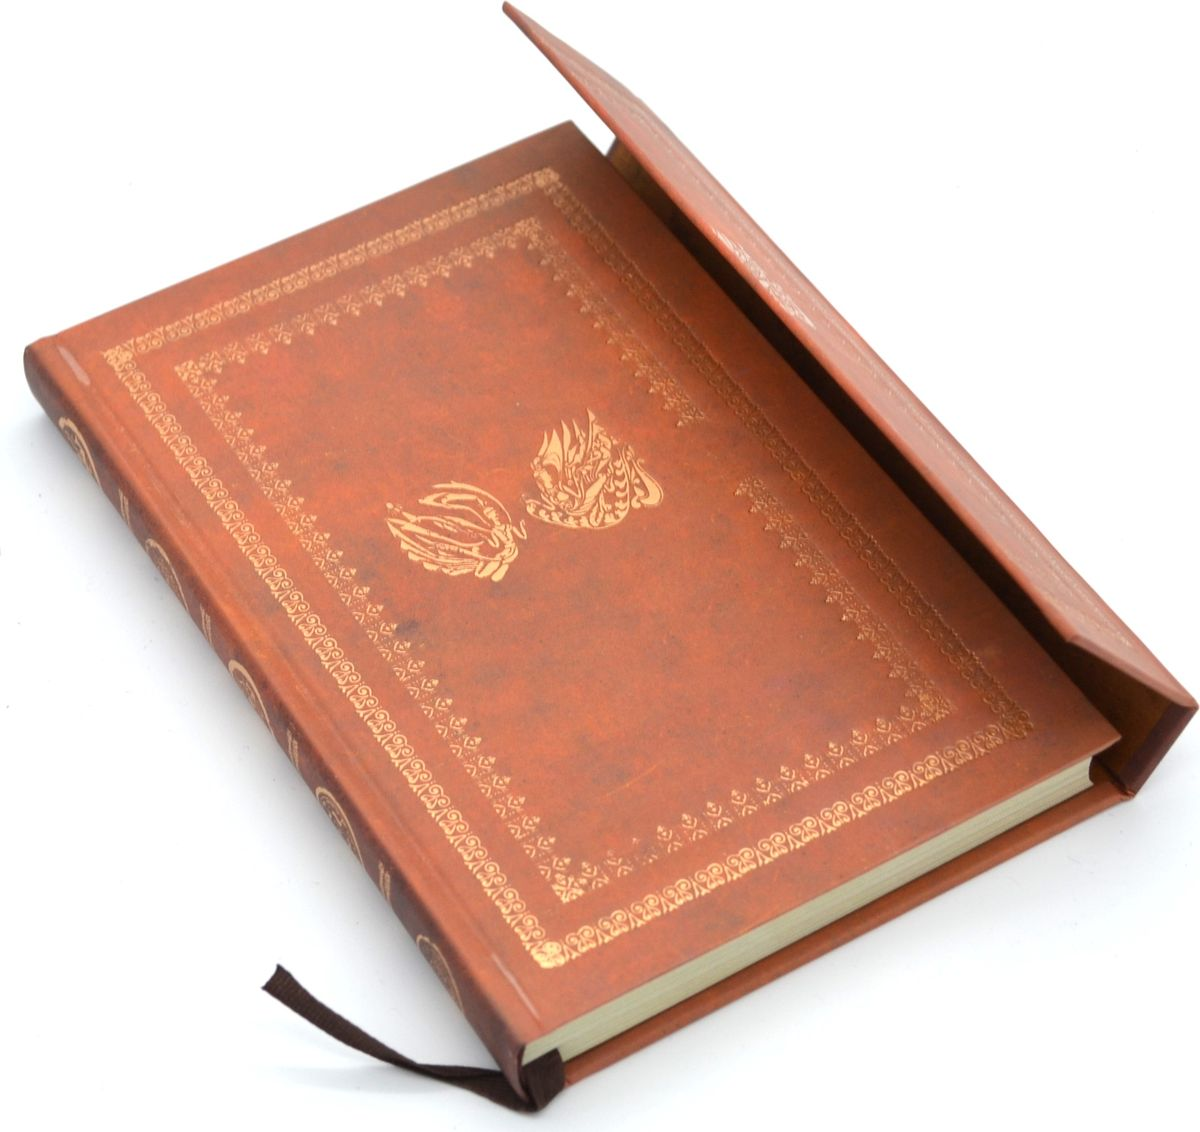 Карамба Блокнот на магните 98 листов цвет коричневый72523WDСтильный блокнот Карамба с жесткой обложкой - незаменимый атрибут современного человека, необходимый для рабочих и повседневных записей в офисе и дома. Магнитная застежка. 98 цветных листов с нежным рисунком.